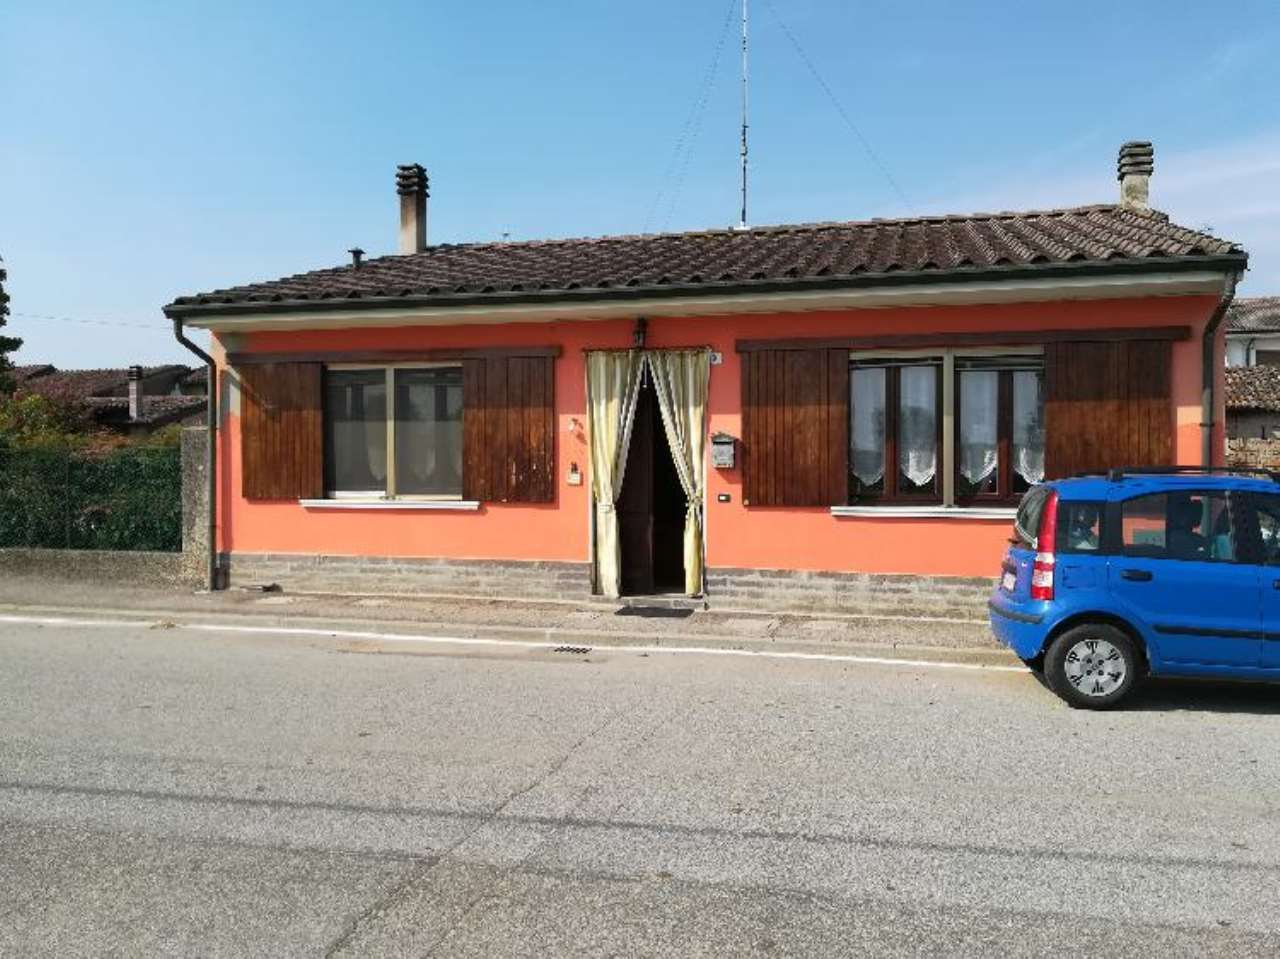 Villa in vendita a Pessina Cremonese, 3 locali, prezzo € 75.000 | CambioCasa.it